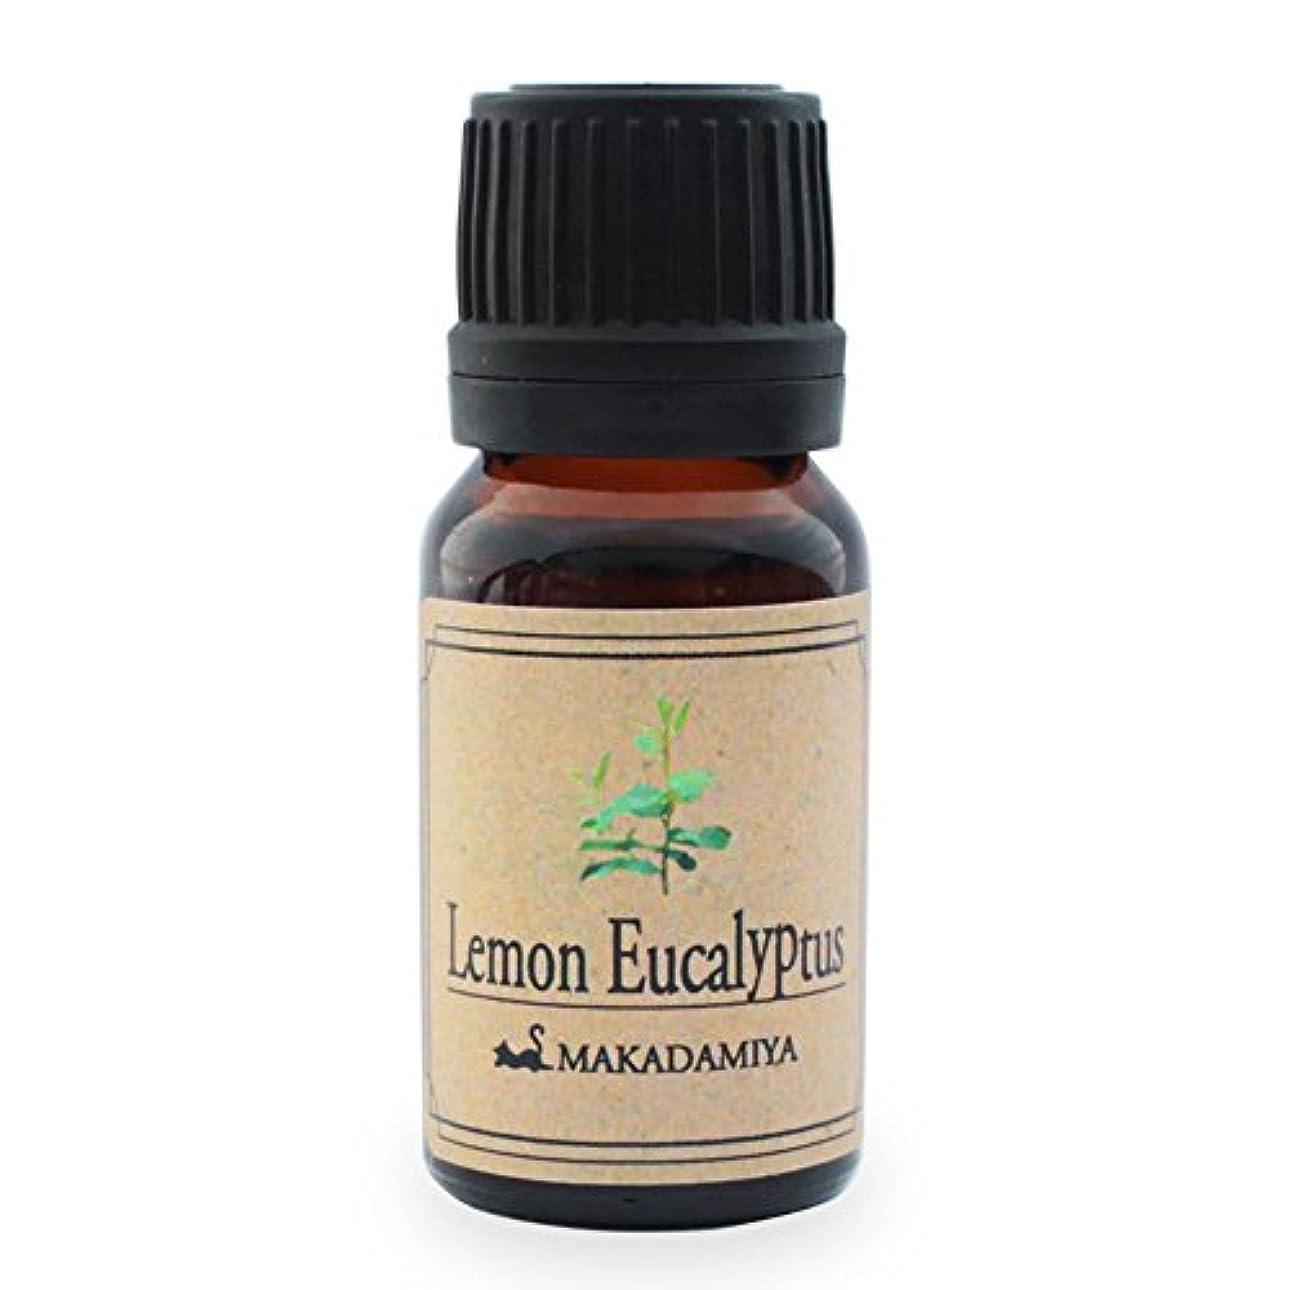 証明書雑品ホールレモンユーカリ10ml 天然100%植物性 エッセンシャルオイル(精油) アロマオイル アロママッサージ aroma Eucalyptus Citriodora